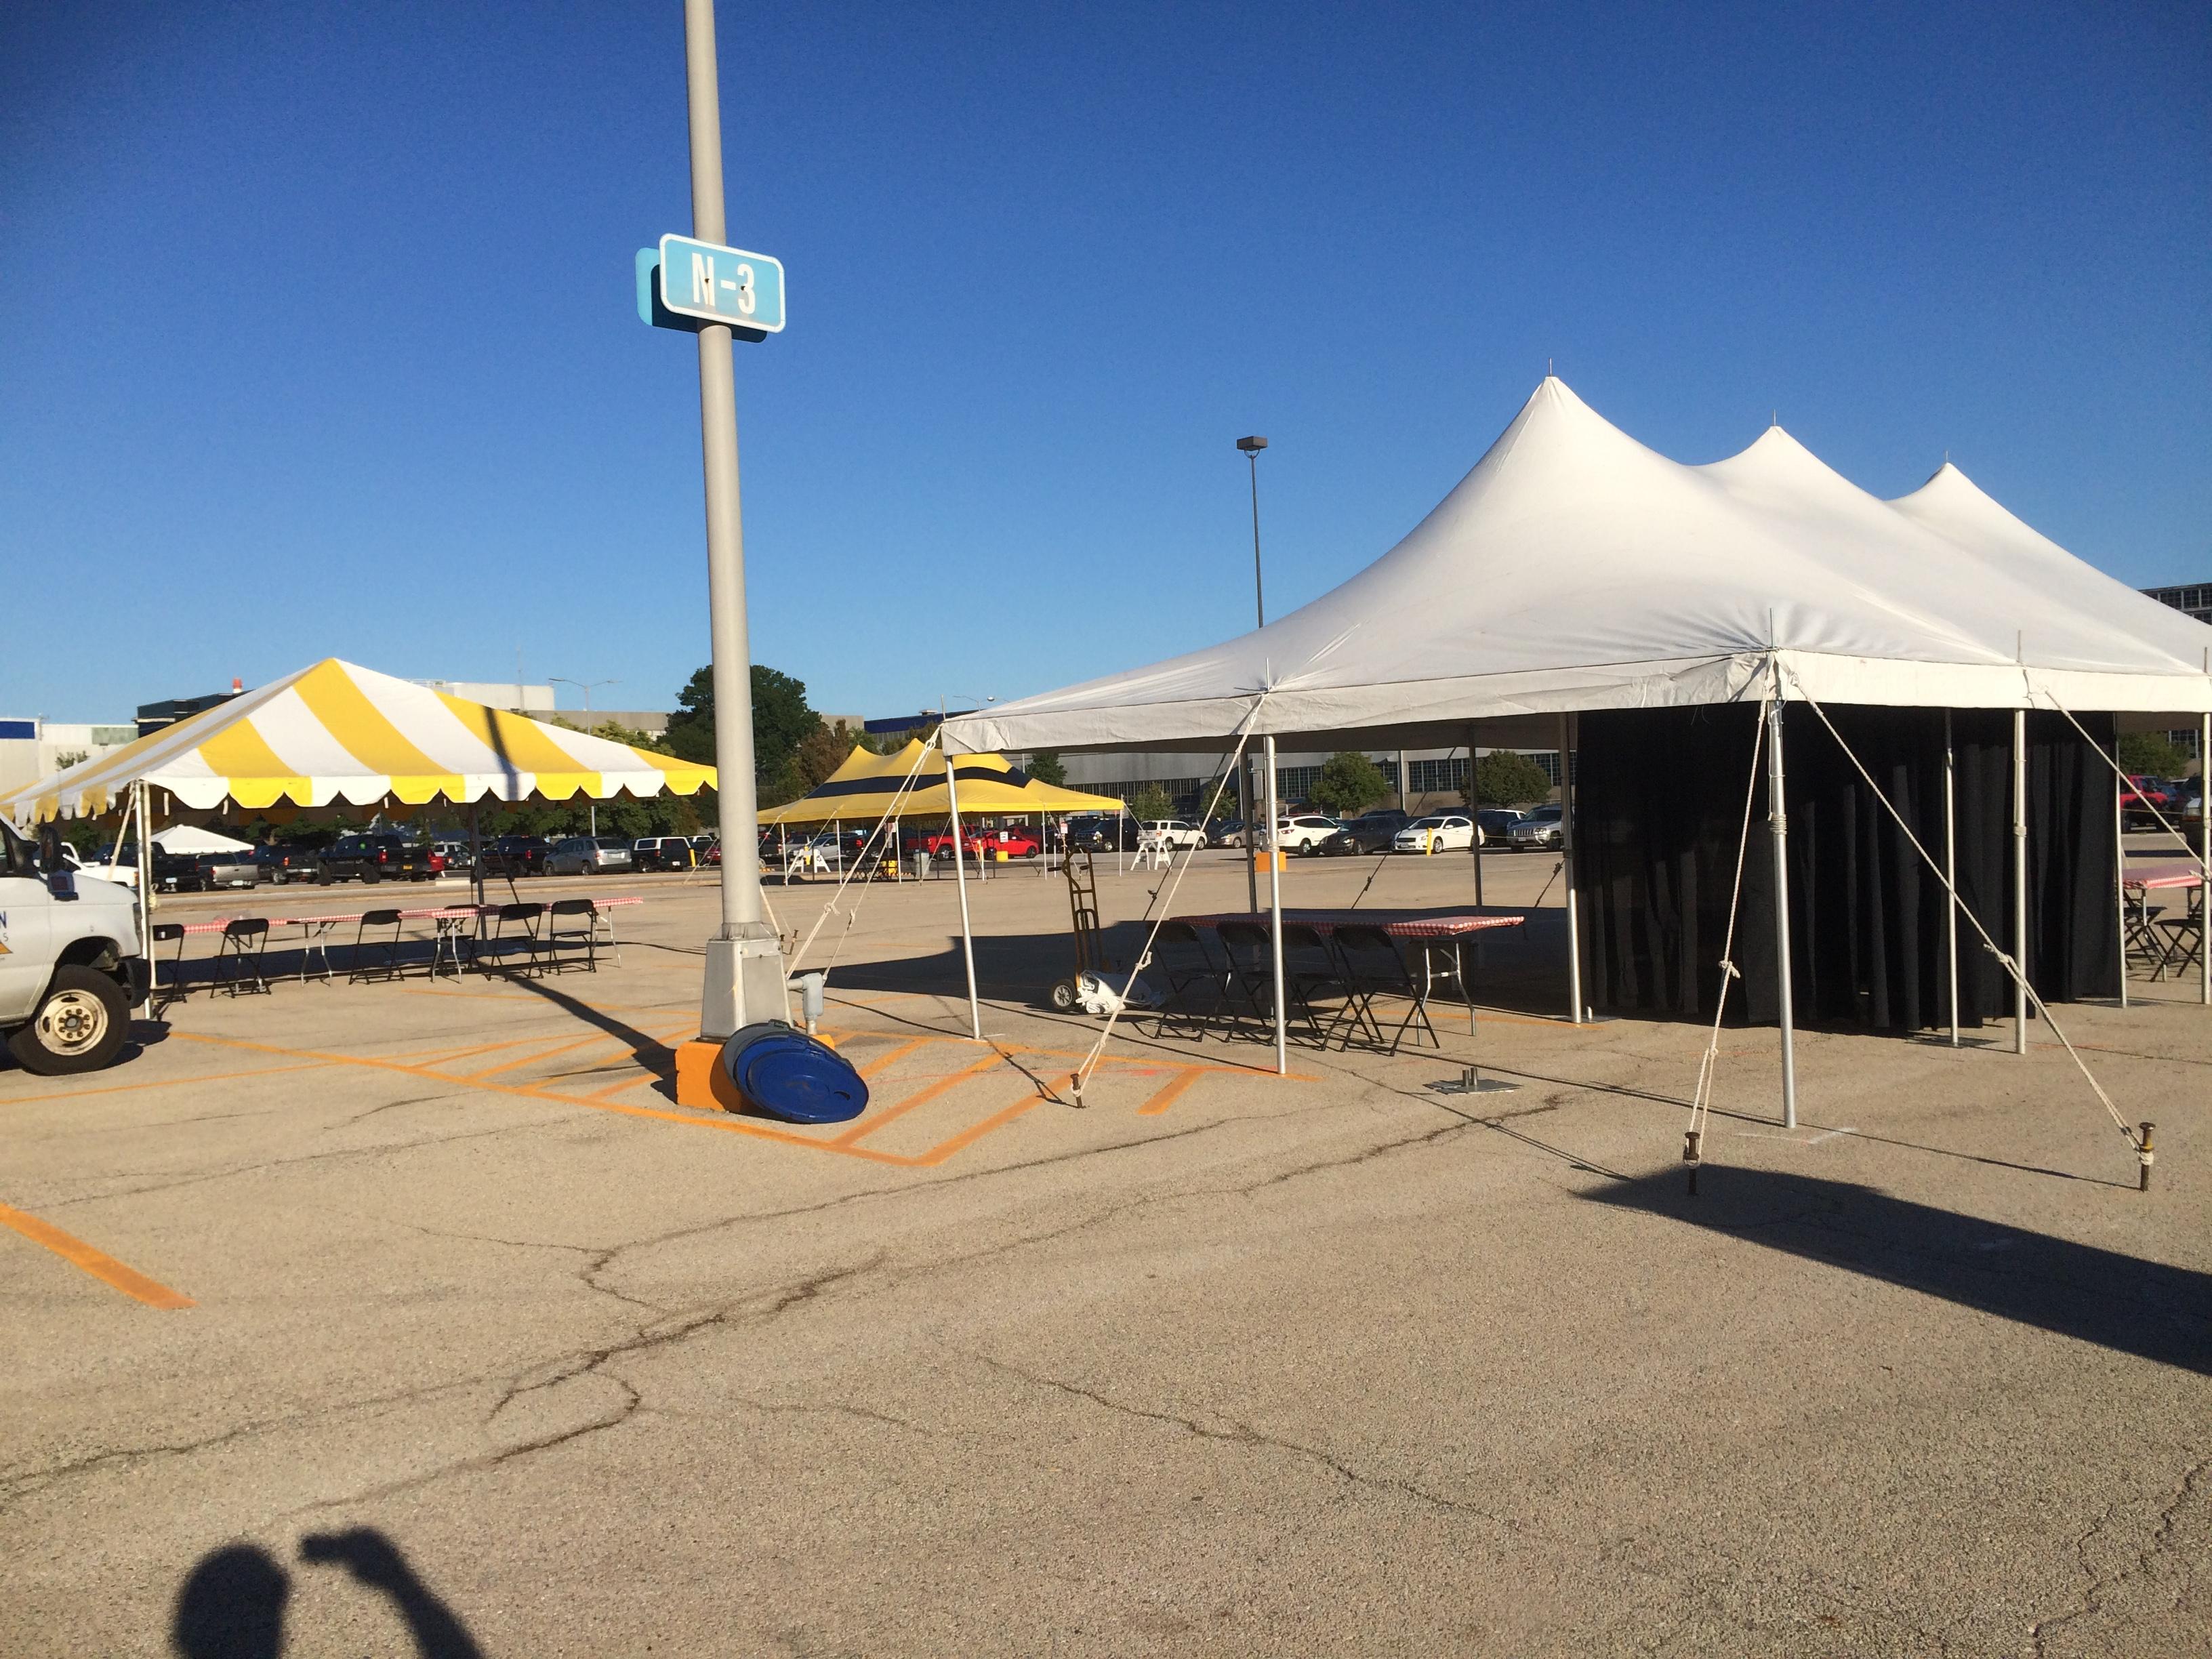 Multi-tent event in Bettendorf Iowa on concrete & Multi-tent event in Bettendorf Iowa on concrete - Iowa City ...